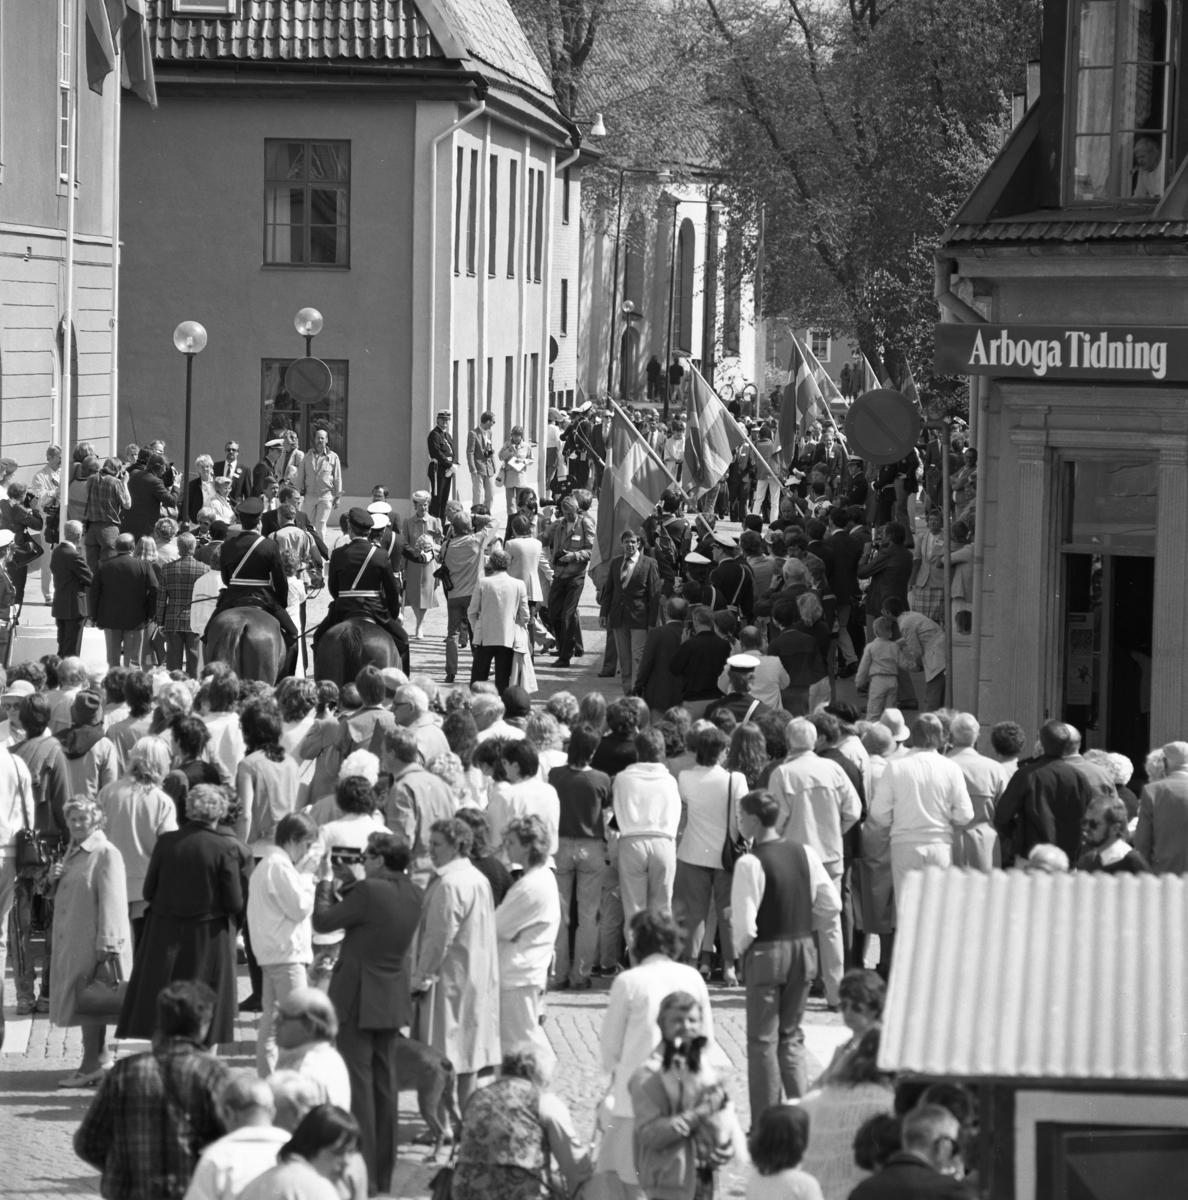 Allmänheten, en fanborg och ett stort pressuppbåd möter kungaparet som kommer gående på Rådhusgatan. Drottning Silvia har en blombukett i hänerna. Ridande poliser har kontroll. Dörren till Arboga Tidning står öppen. Heliga Trefaldighetskyrkan skymtar i bakgrunden.